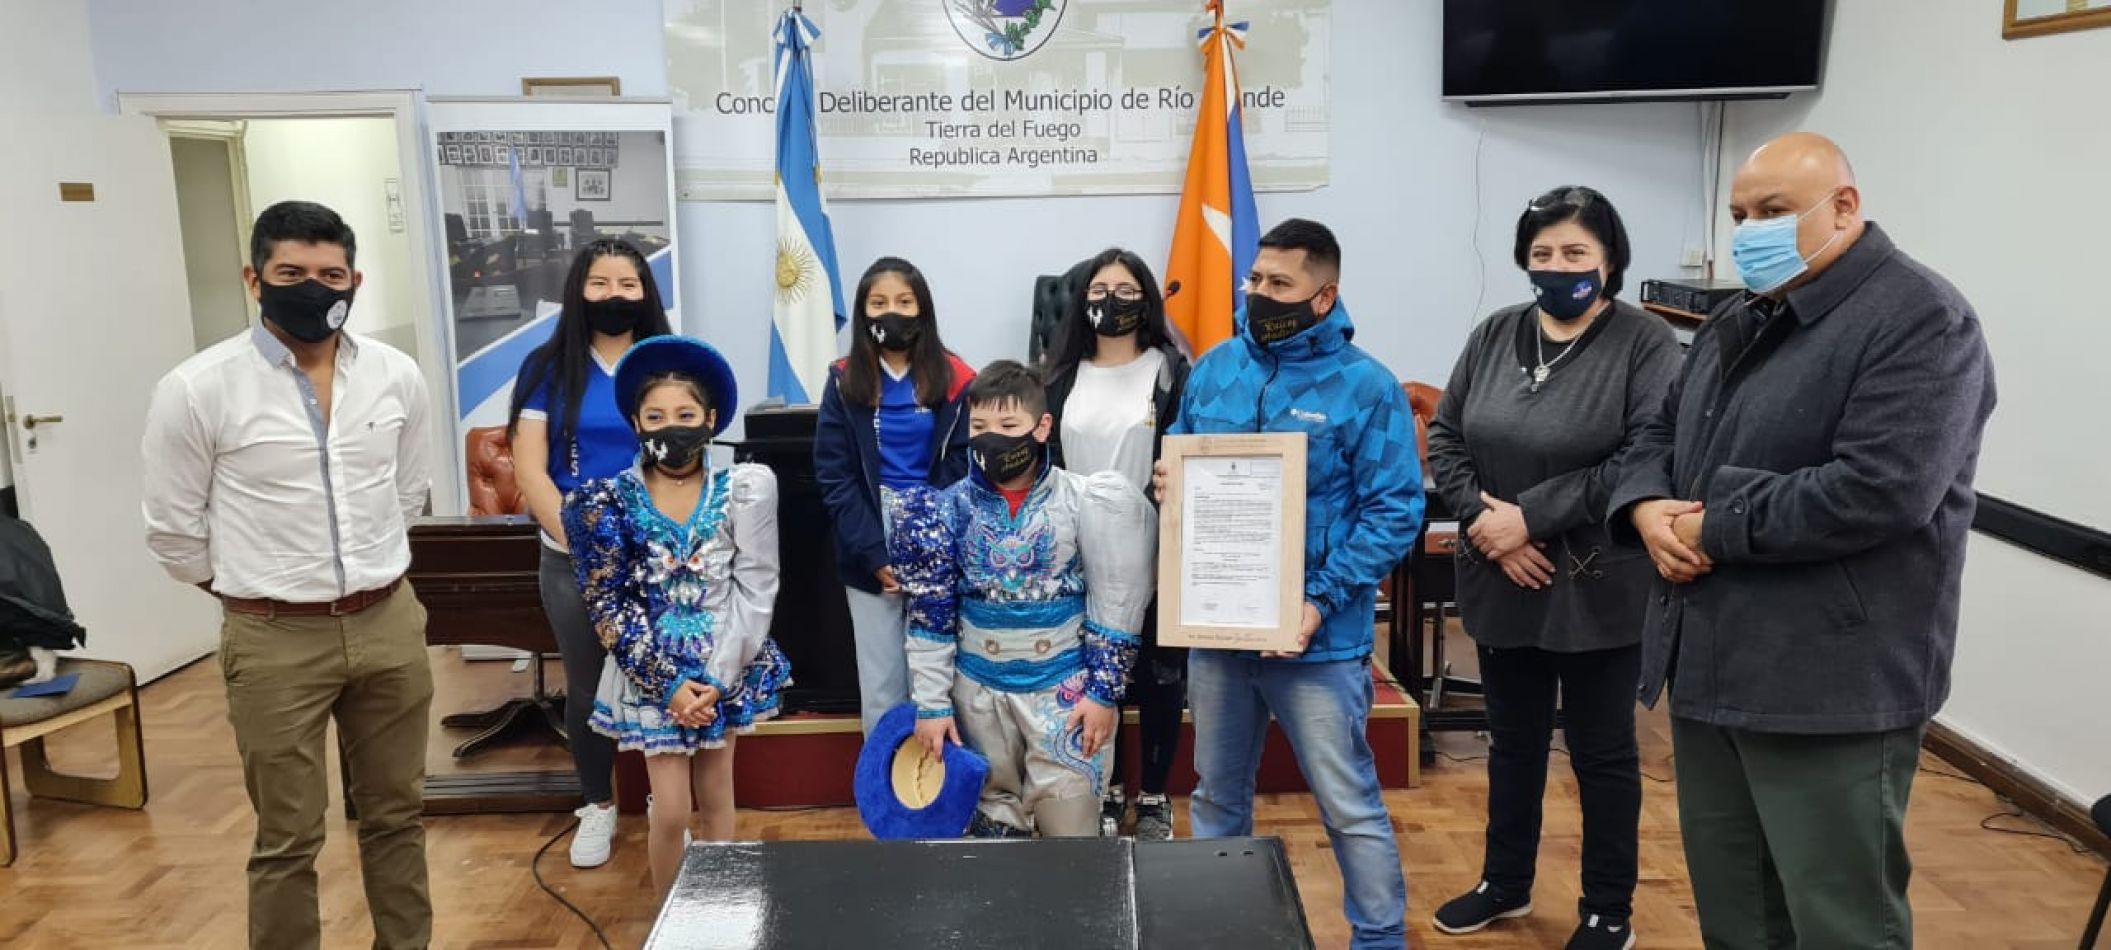 """Ediles hicieron entrega de una declaración de Interés expresando beneplácito por la labor de la """"Comparsa Folclórica Raíces Andinas""""."""